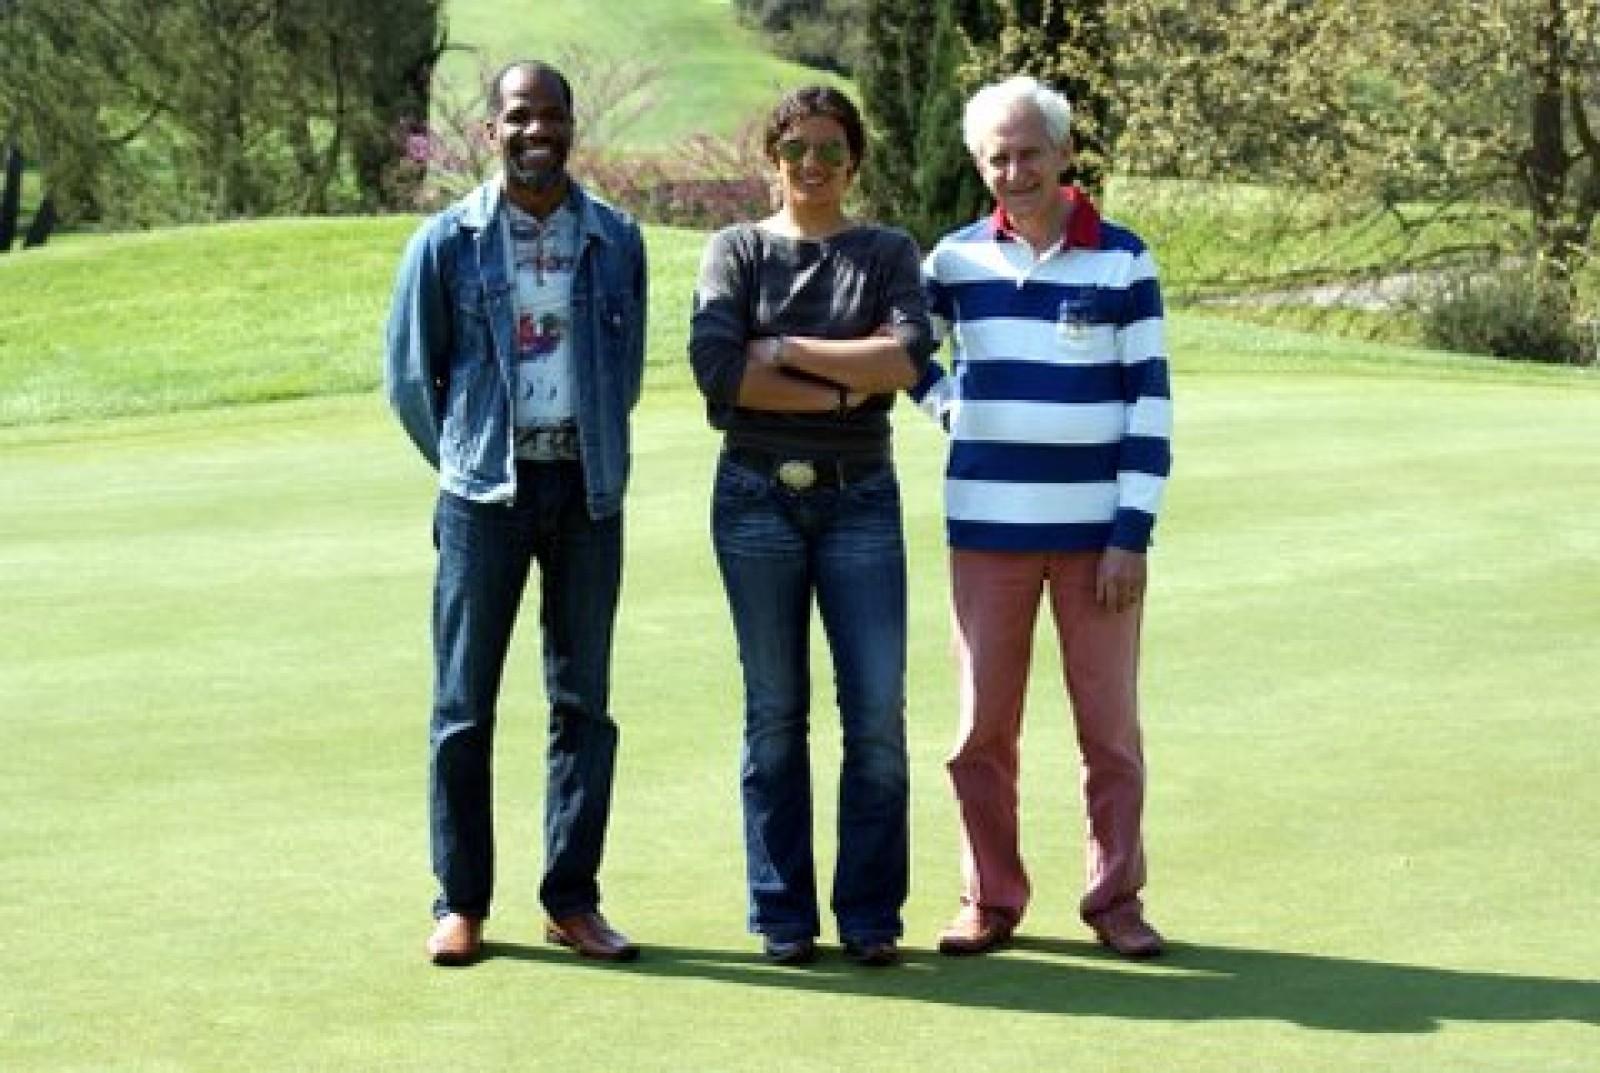 Tournoi de golf à Nice le 18 avril 2010